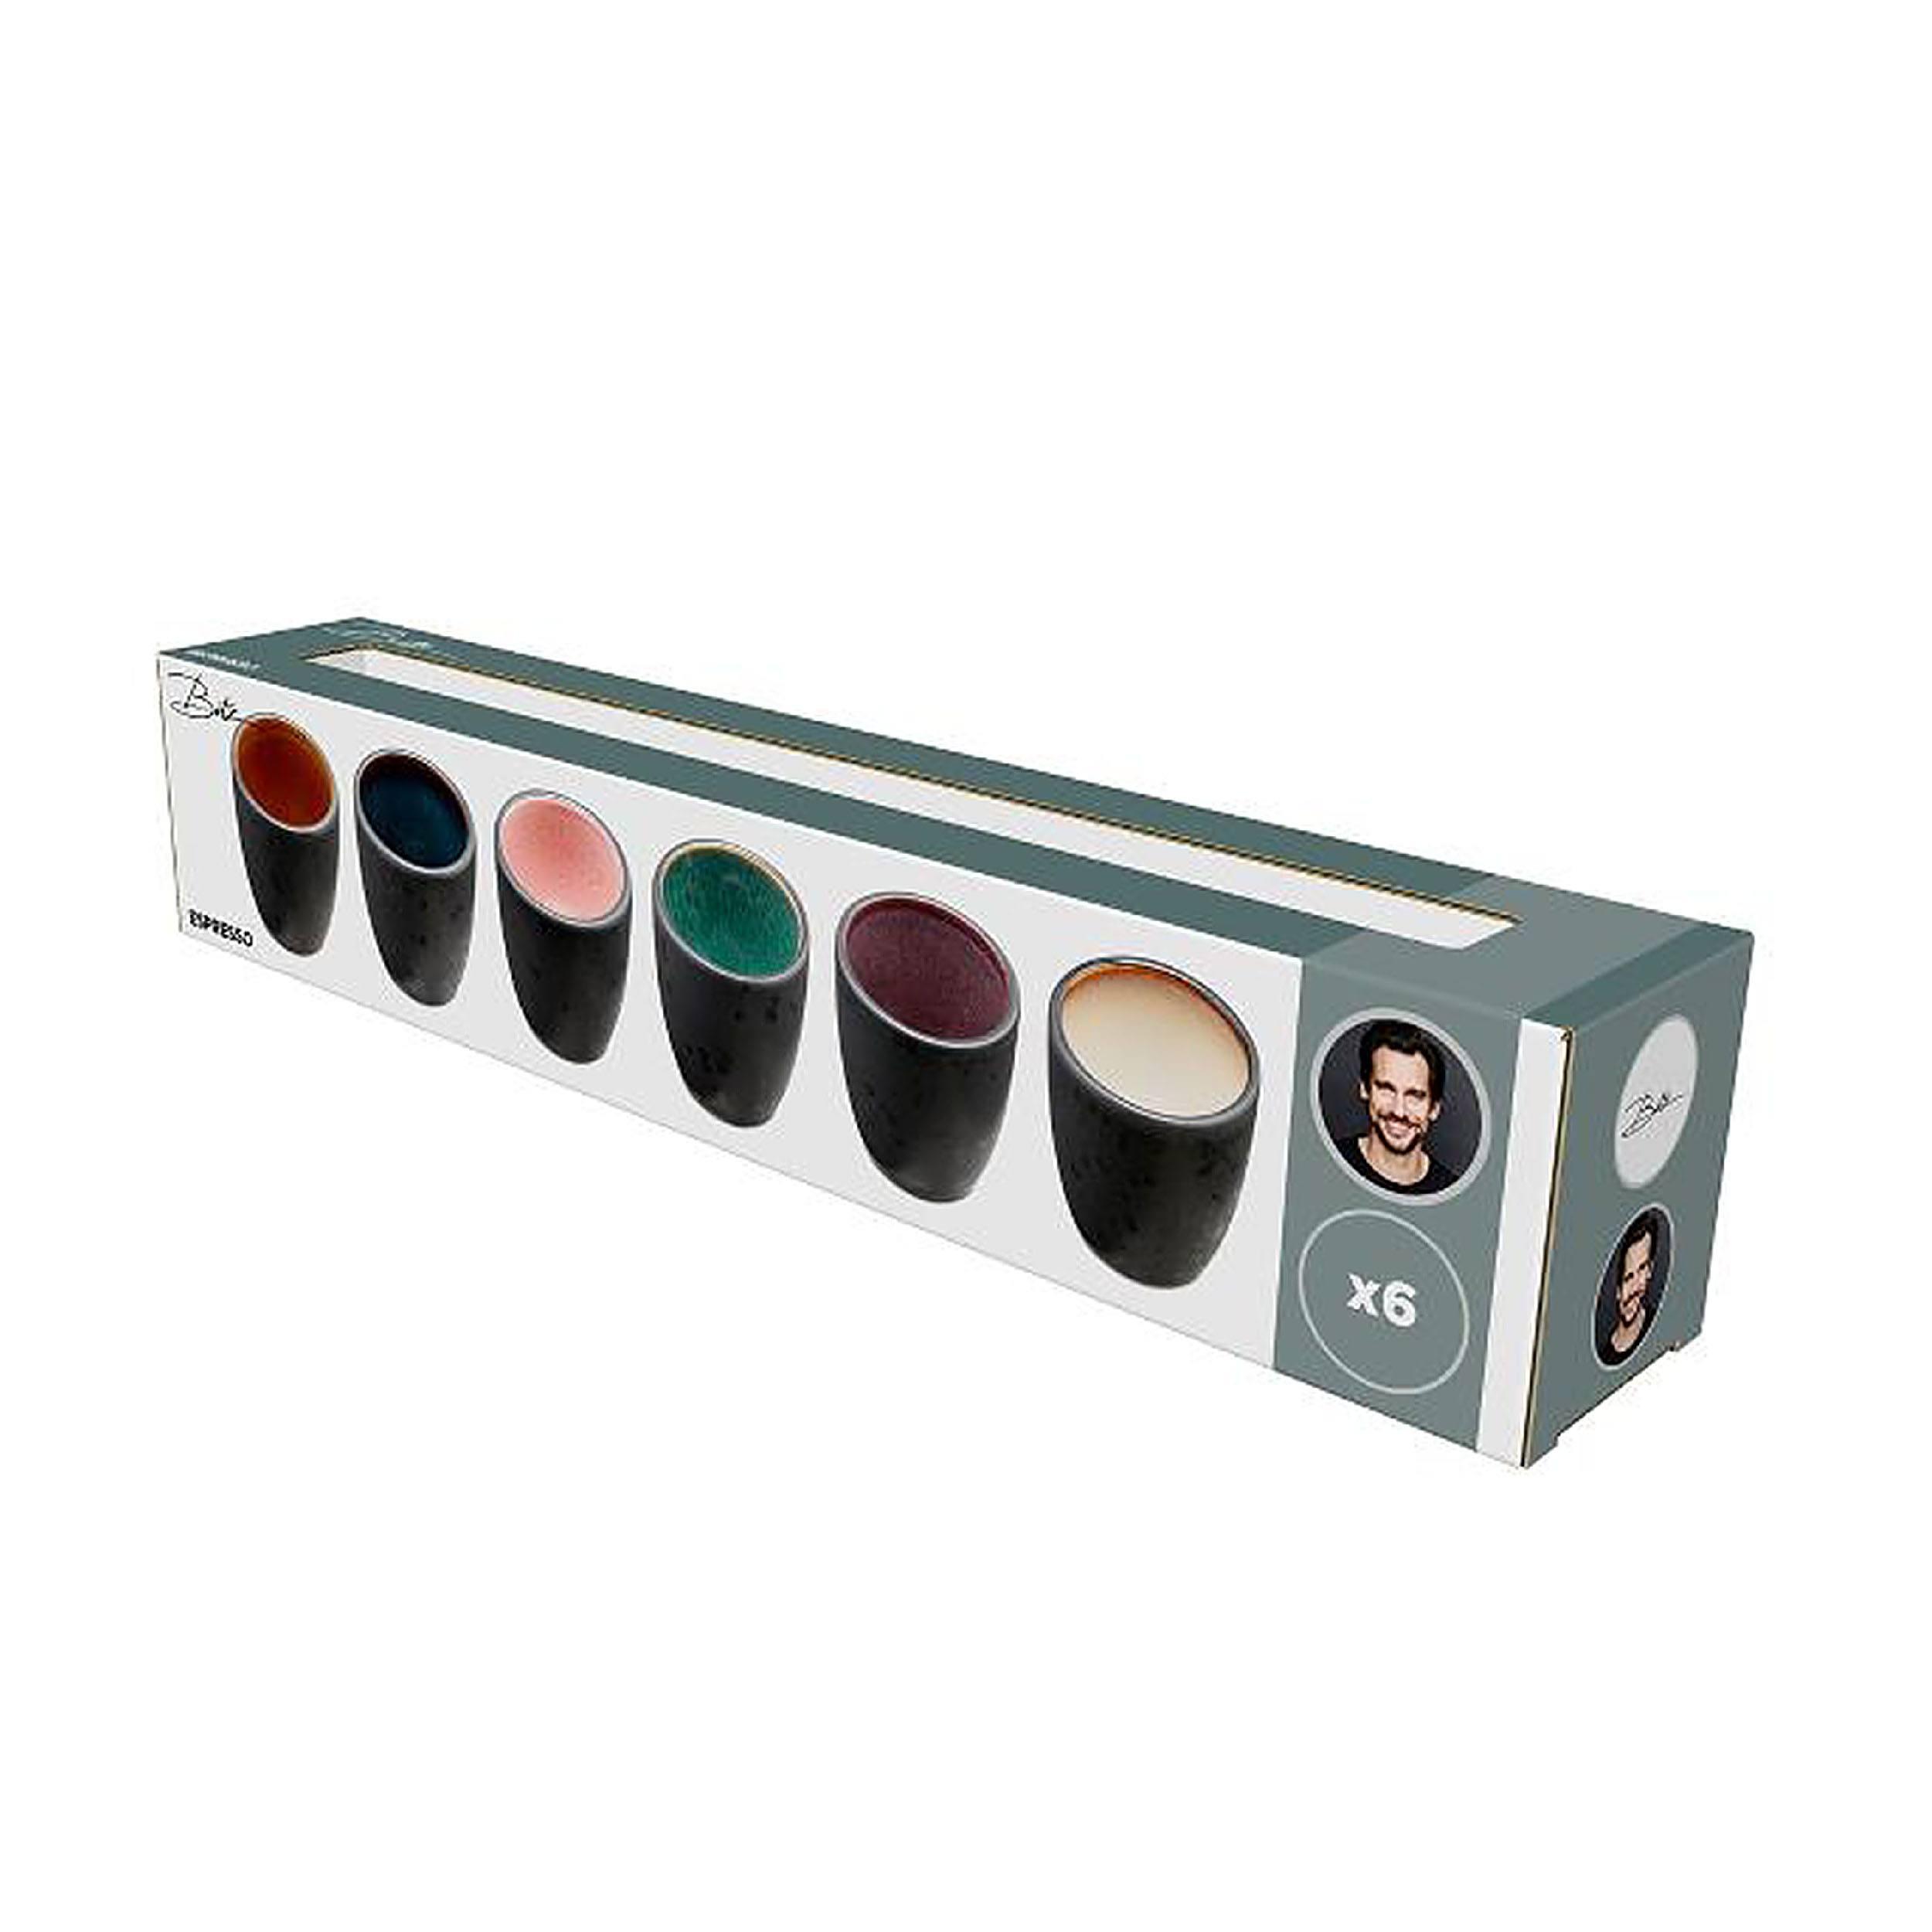 Bitz Espressotasse 6er-Set